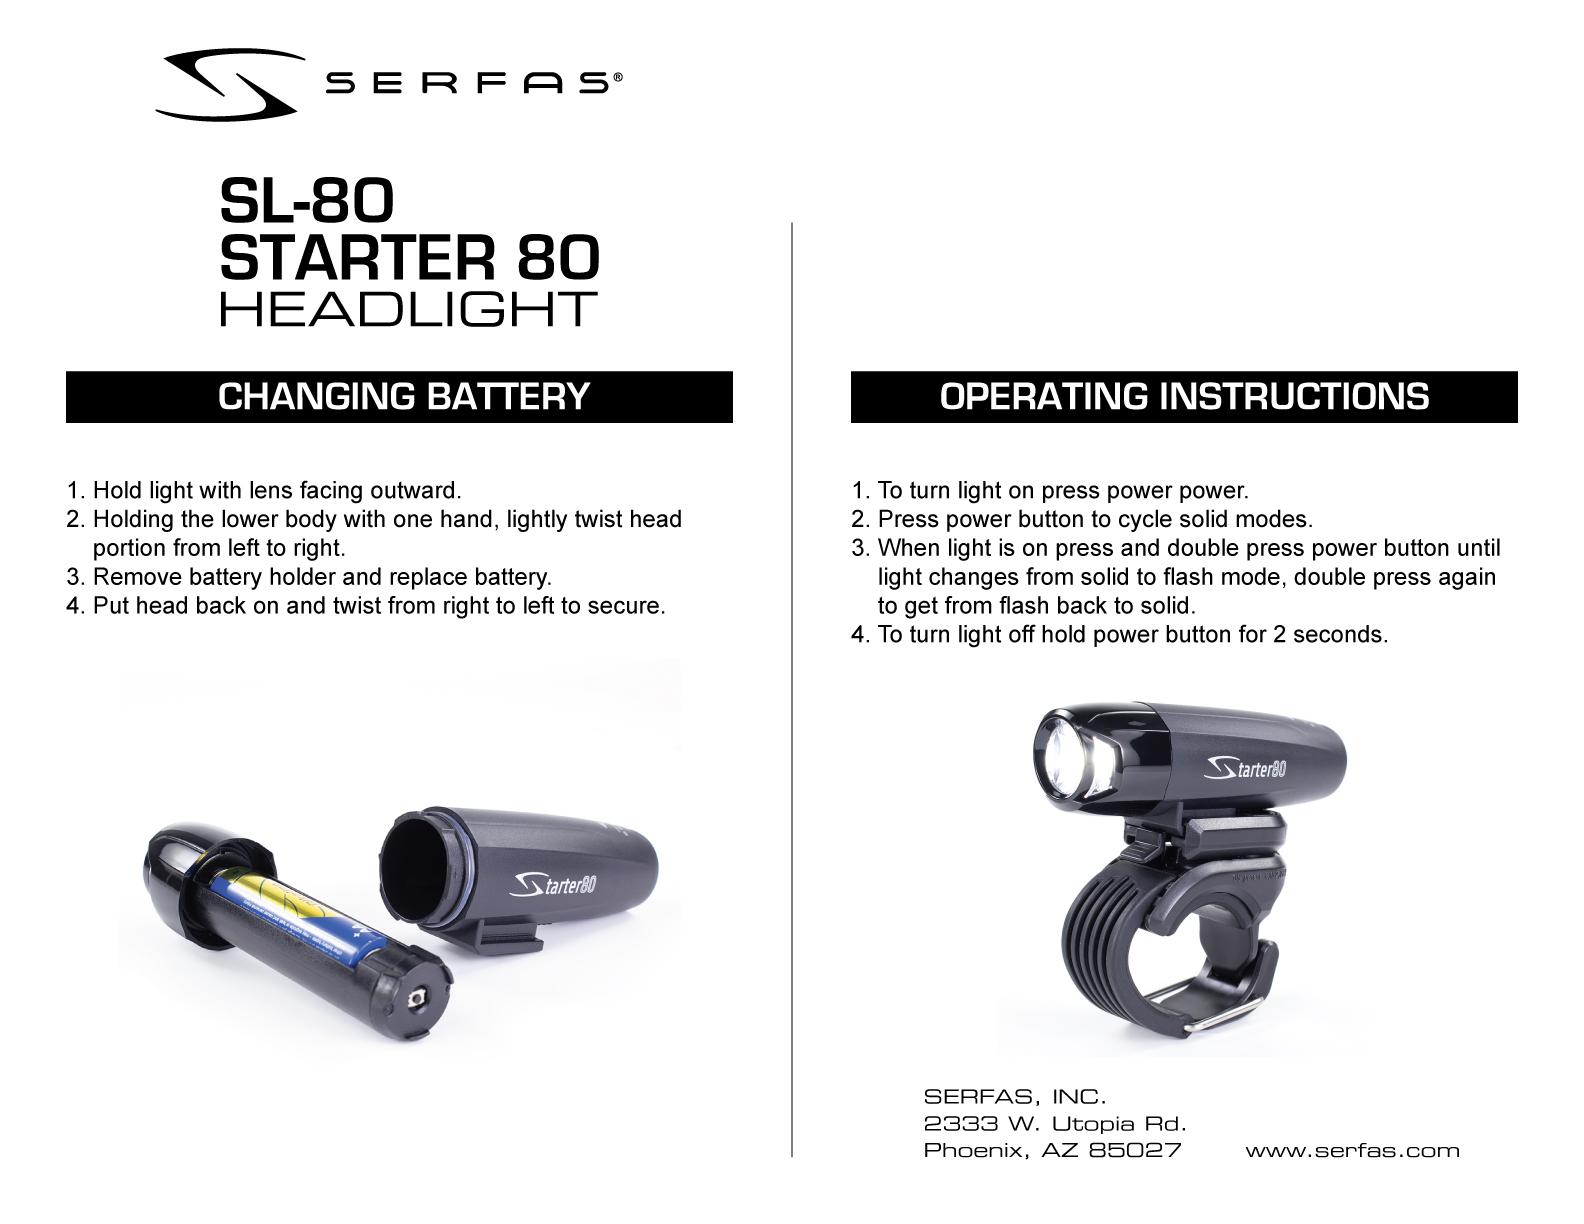 SL-80 Starter 80 Headlight